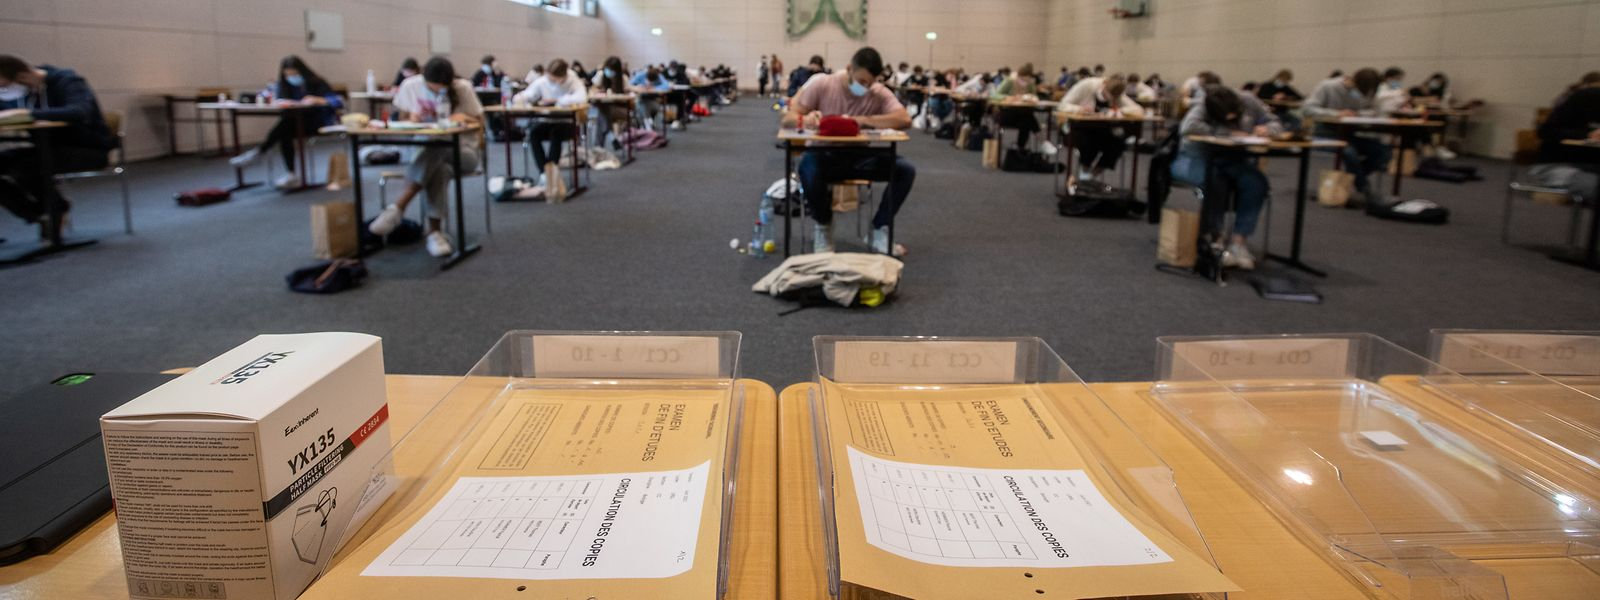 Les salles d'examens ne peuvent pas contenir plus de 100 élèves, chacun espacé de deux mètres.